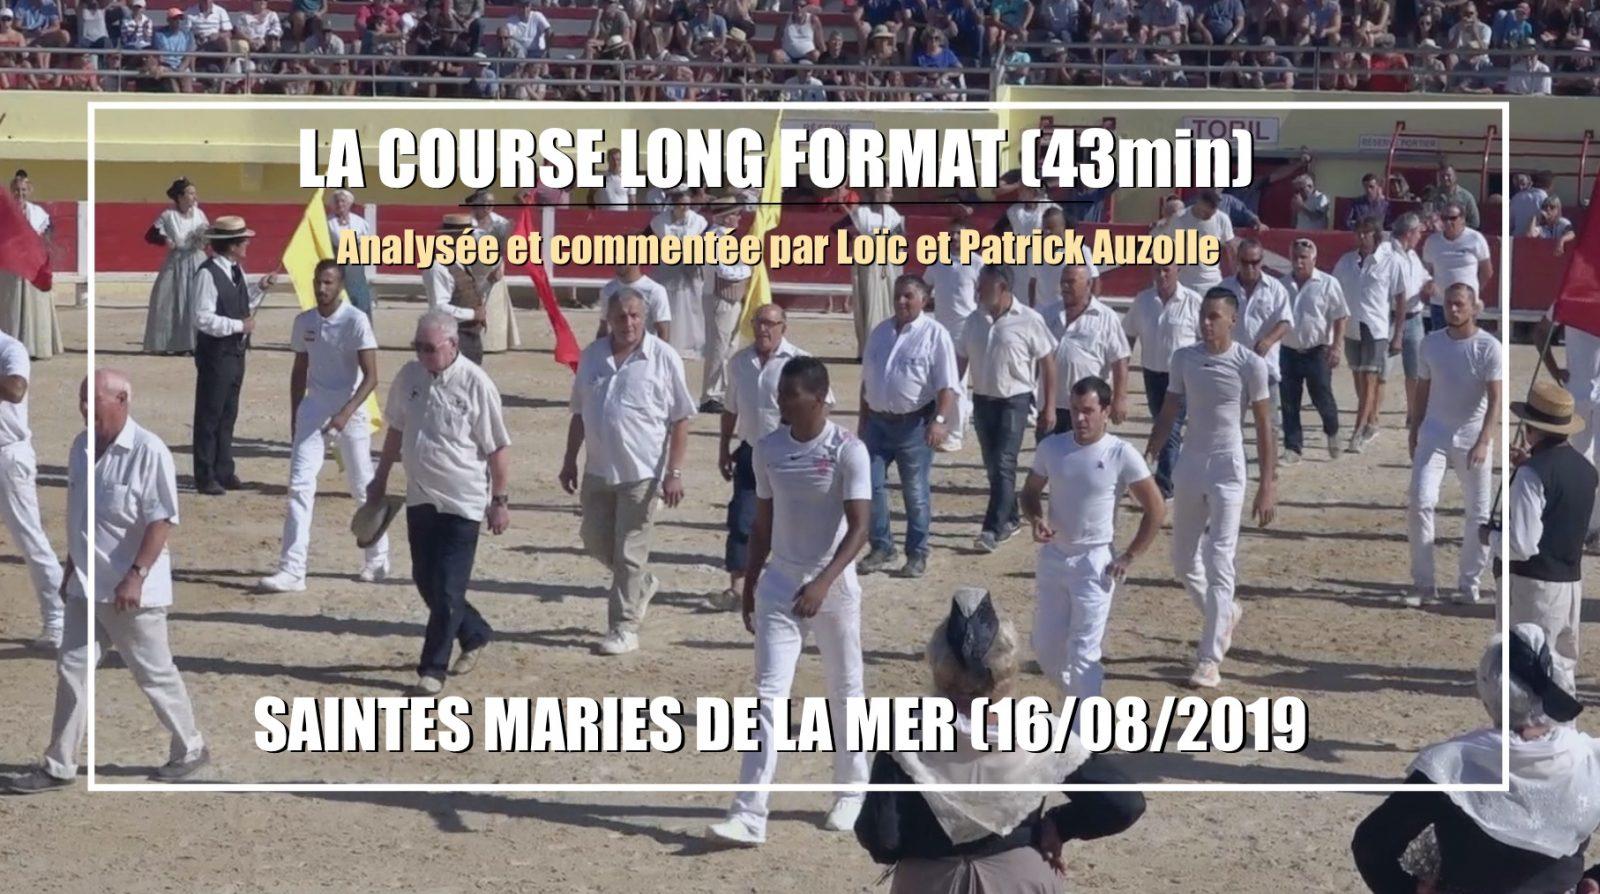 LA COURSE LONG FORMAT (43min) – Saintes Maries de la Mer (16/08/2019) – Analysée et commentée par Loïc et Patrick Auzolle